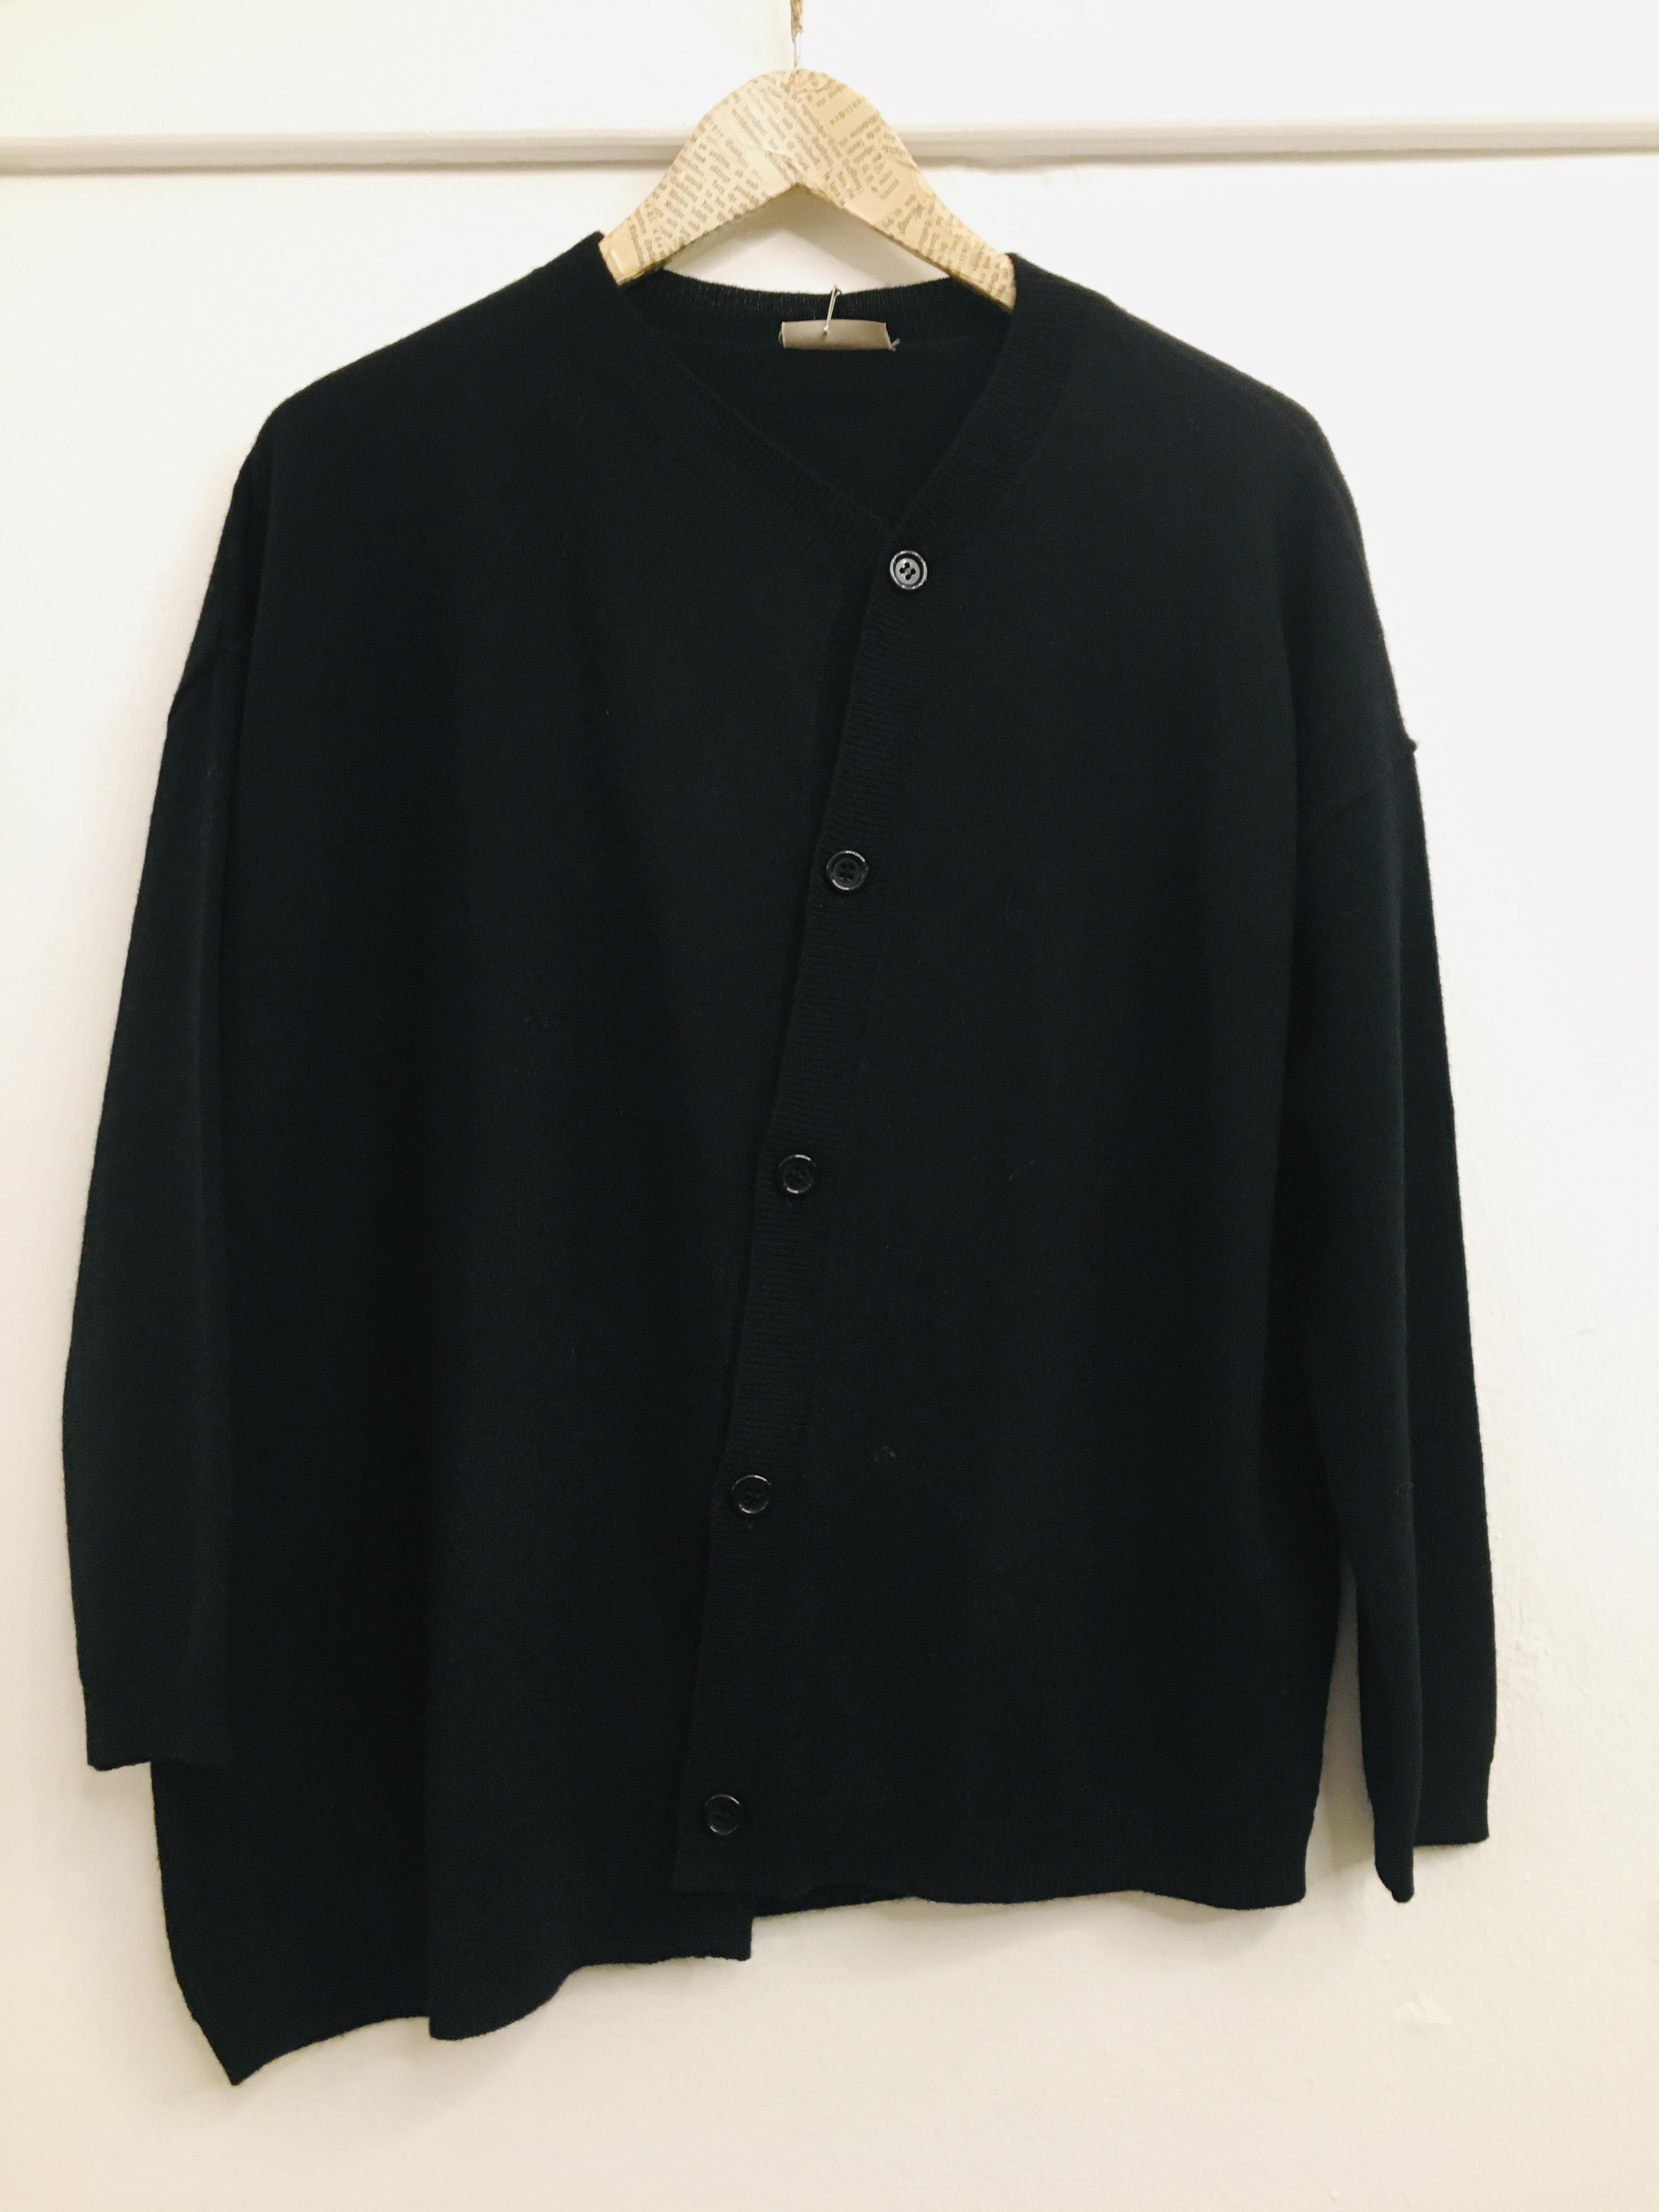 Cardigan donna  in lana  con bottoni  taglio asimmetrico  nero  made in Italy